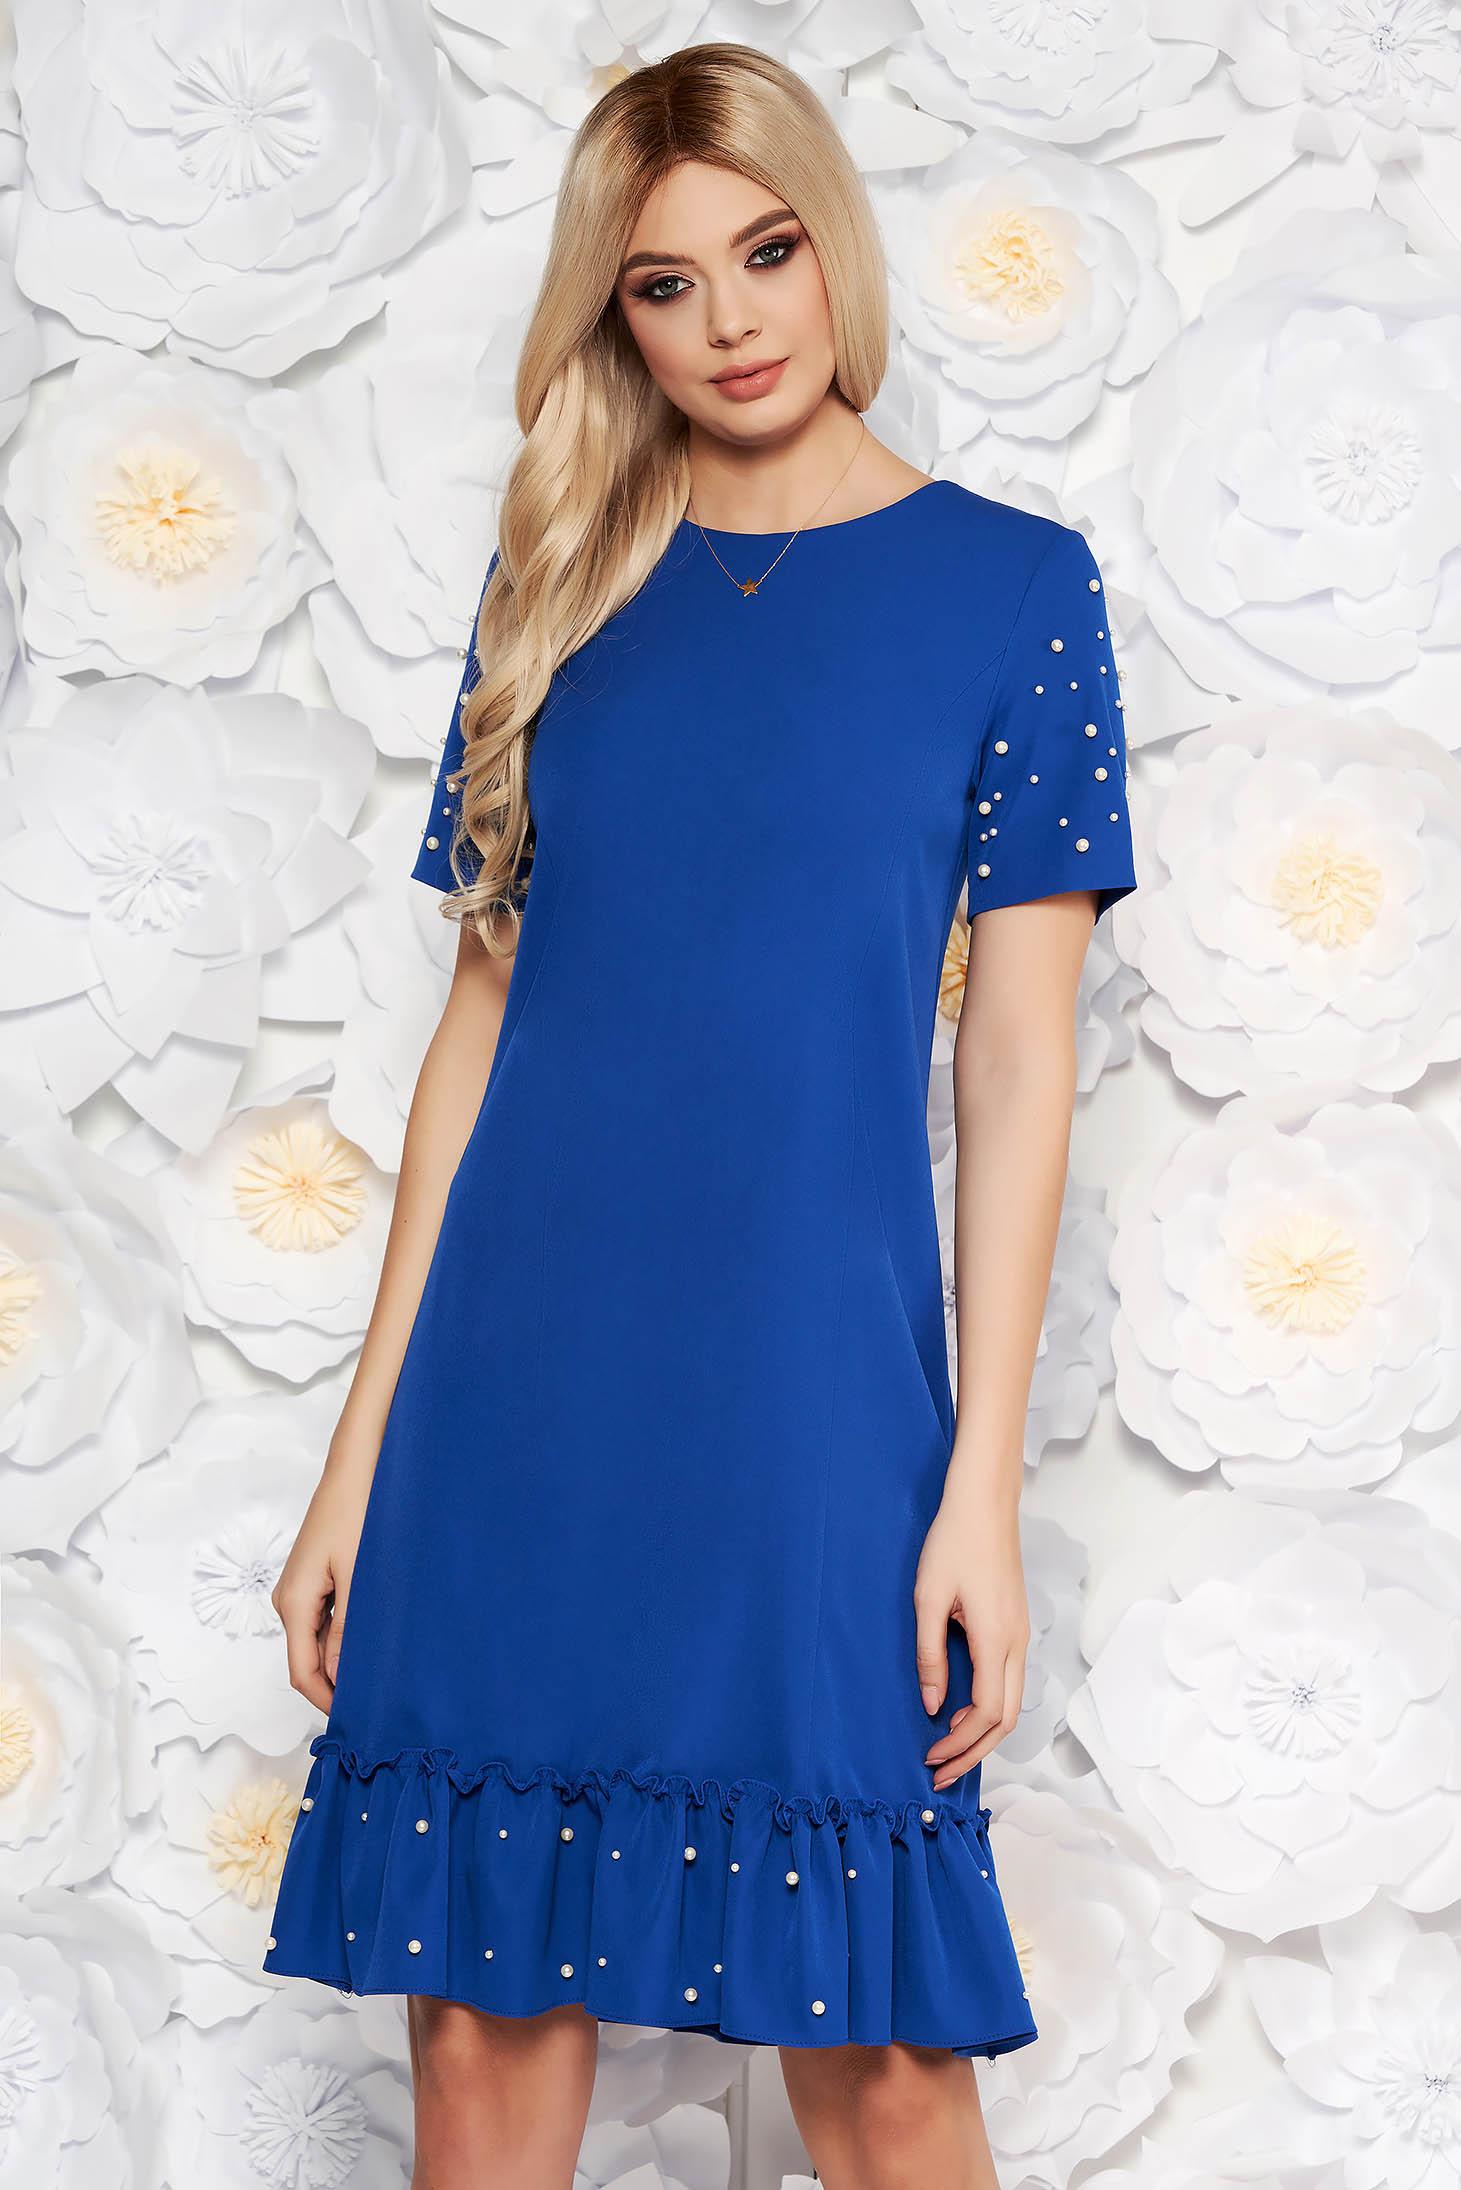 Rochie albastra eleganta cu un croi drept cu maneca scurta cu aplicatii cu margele din material fin la atingere